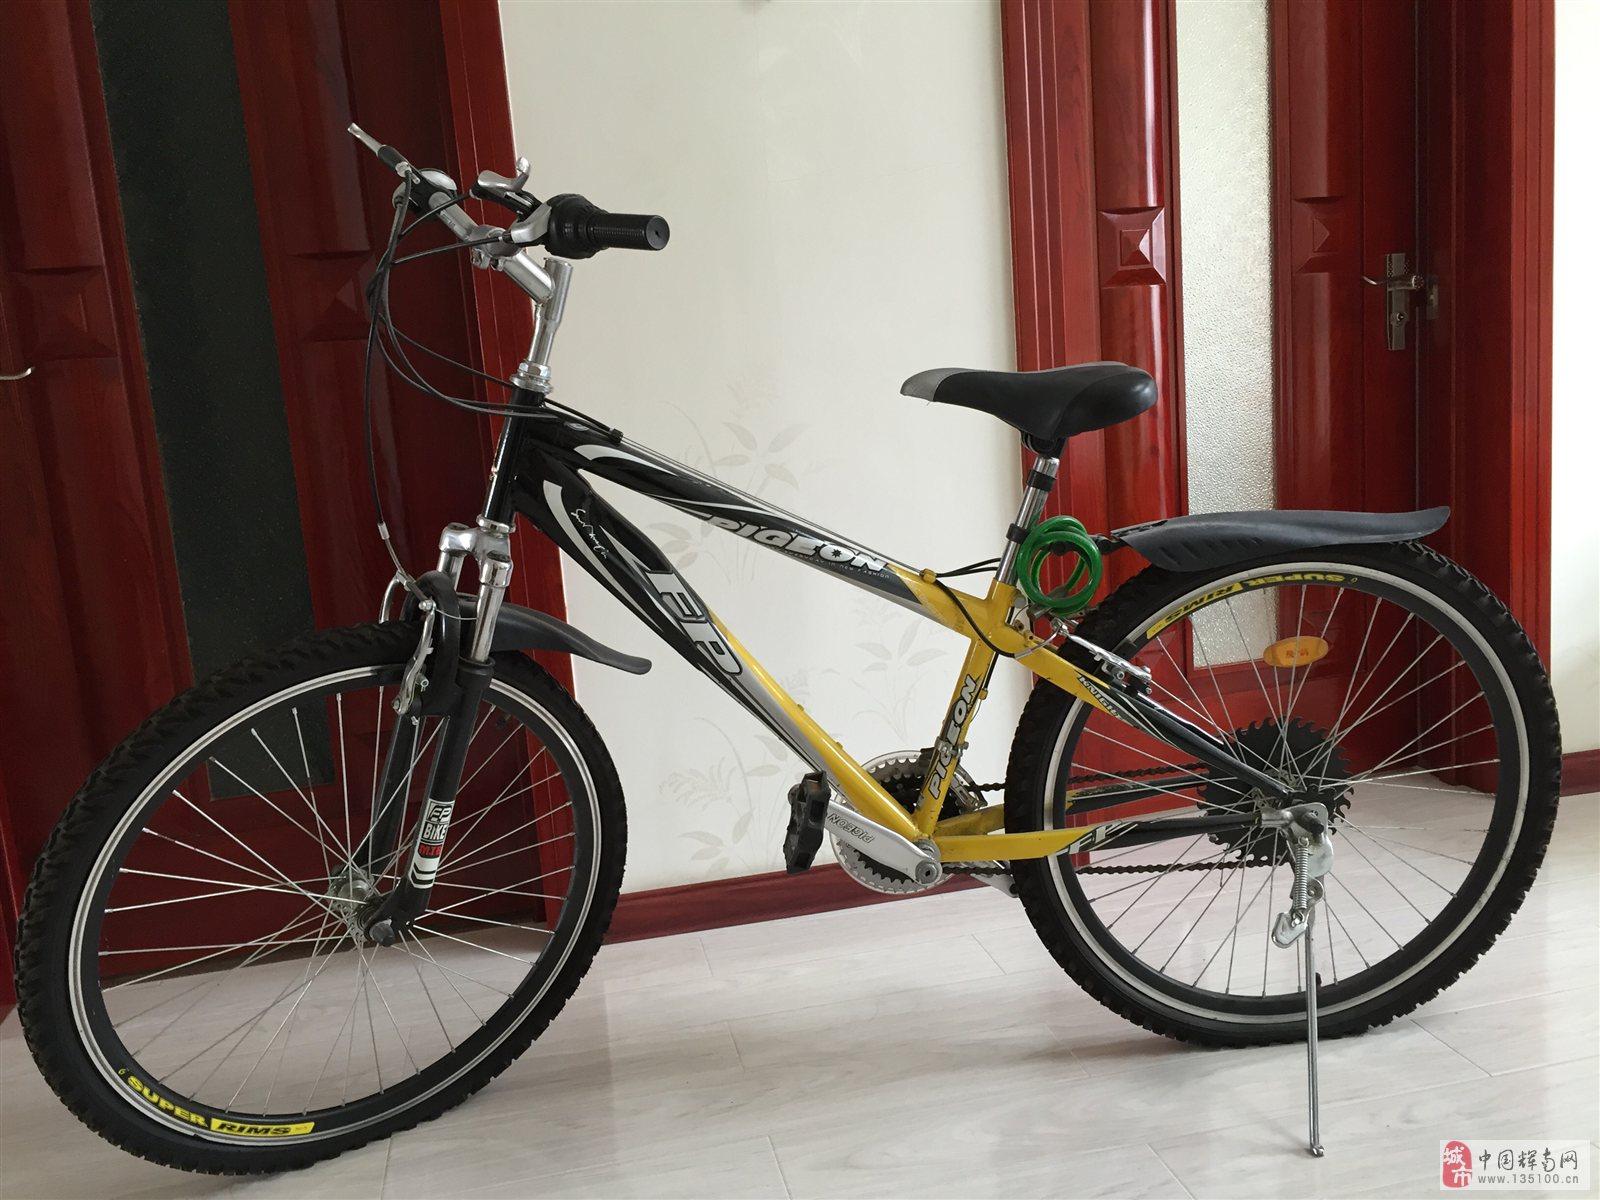 出售飞鸽牌9.5成新变速自行车一台